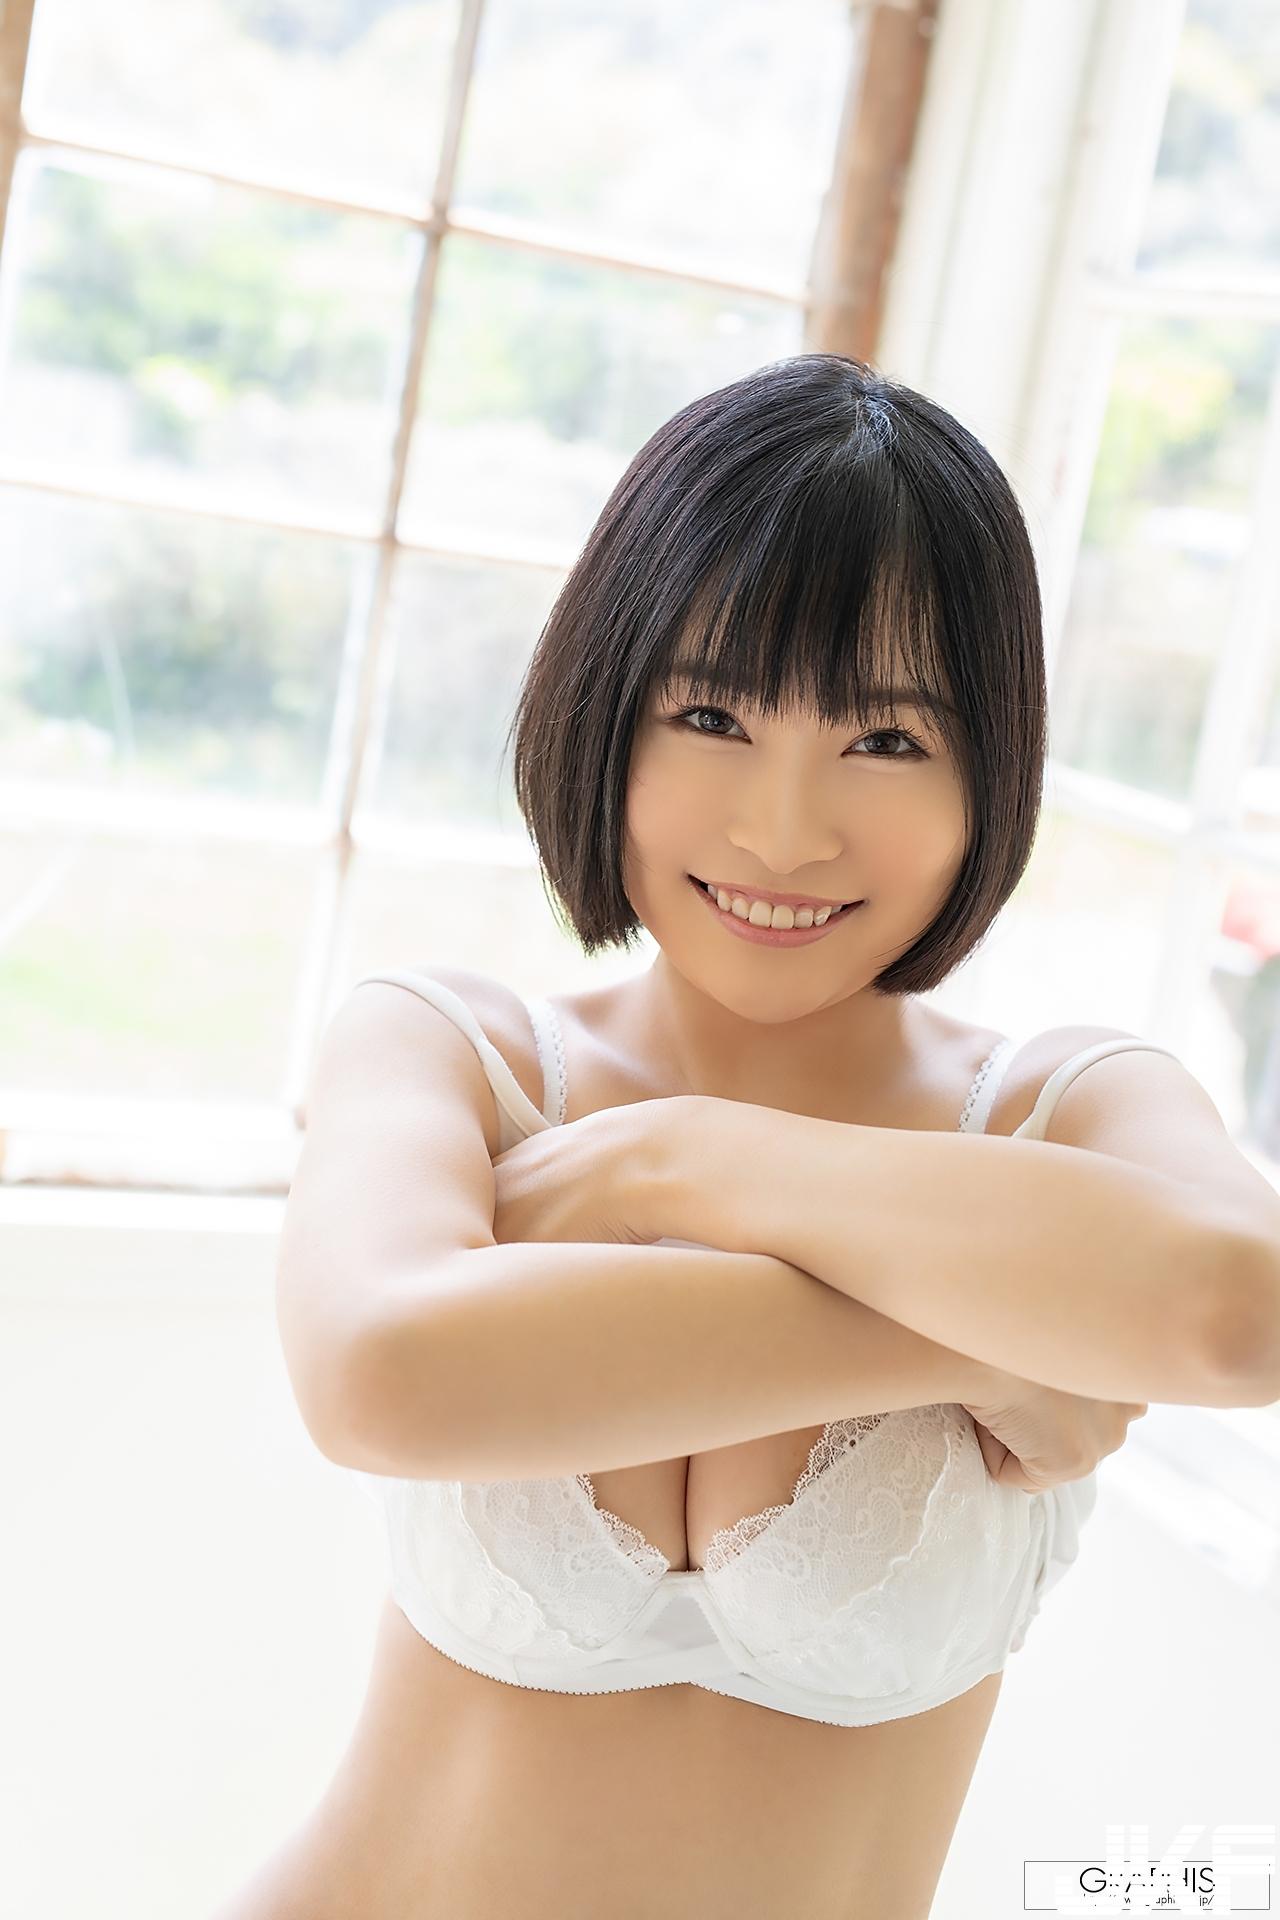 asuna-kawai_daily010.jpg